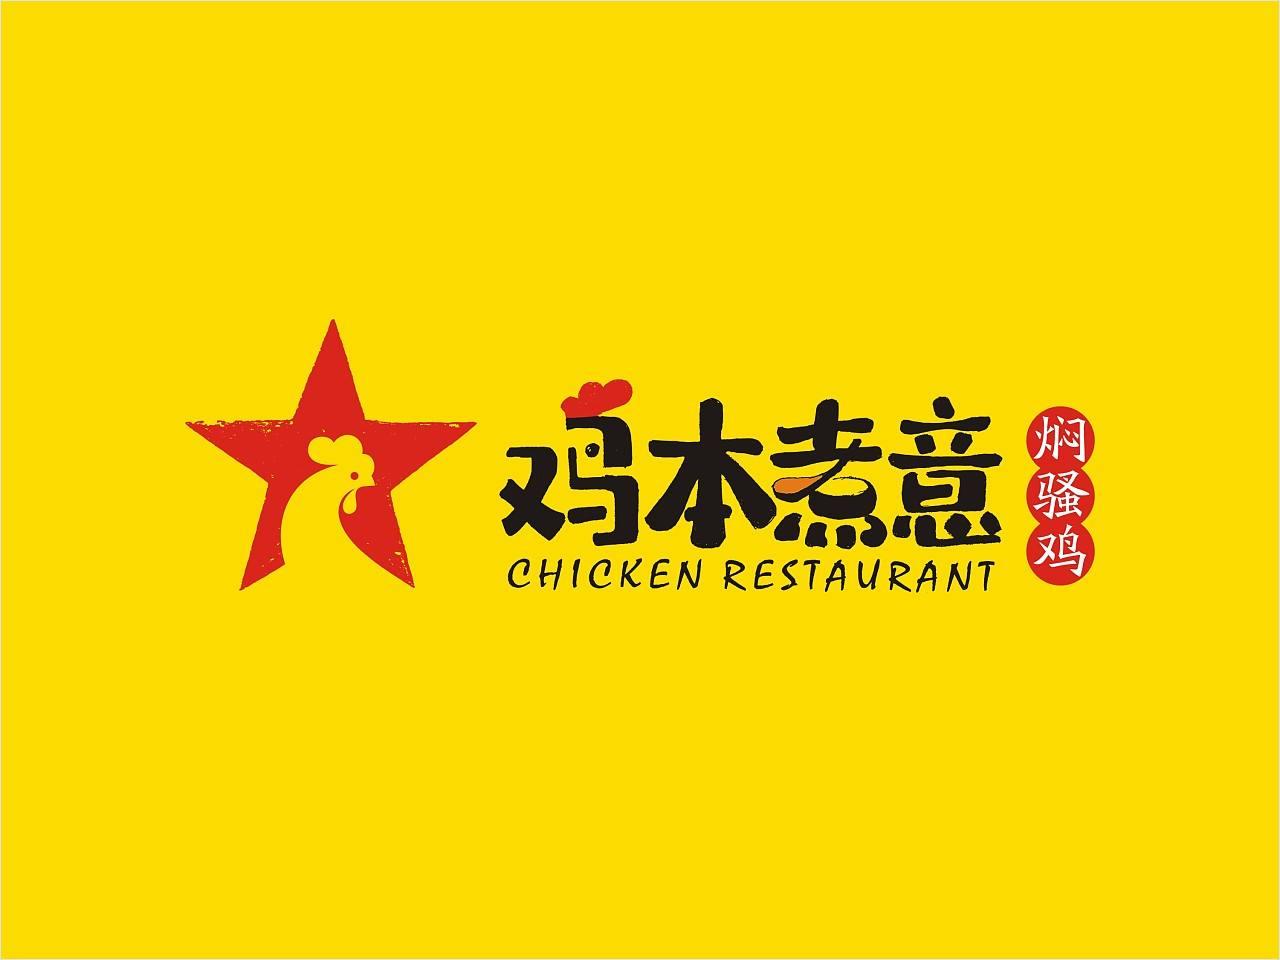 鸡本煮意招商加盟